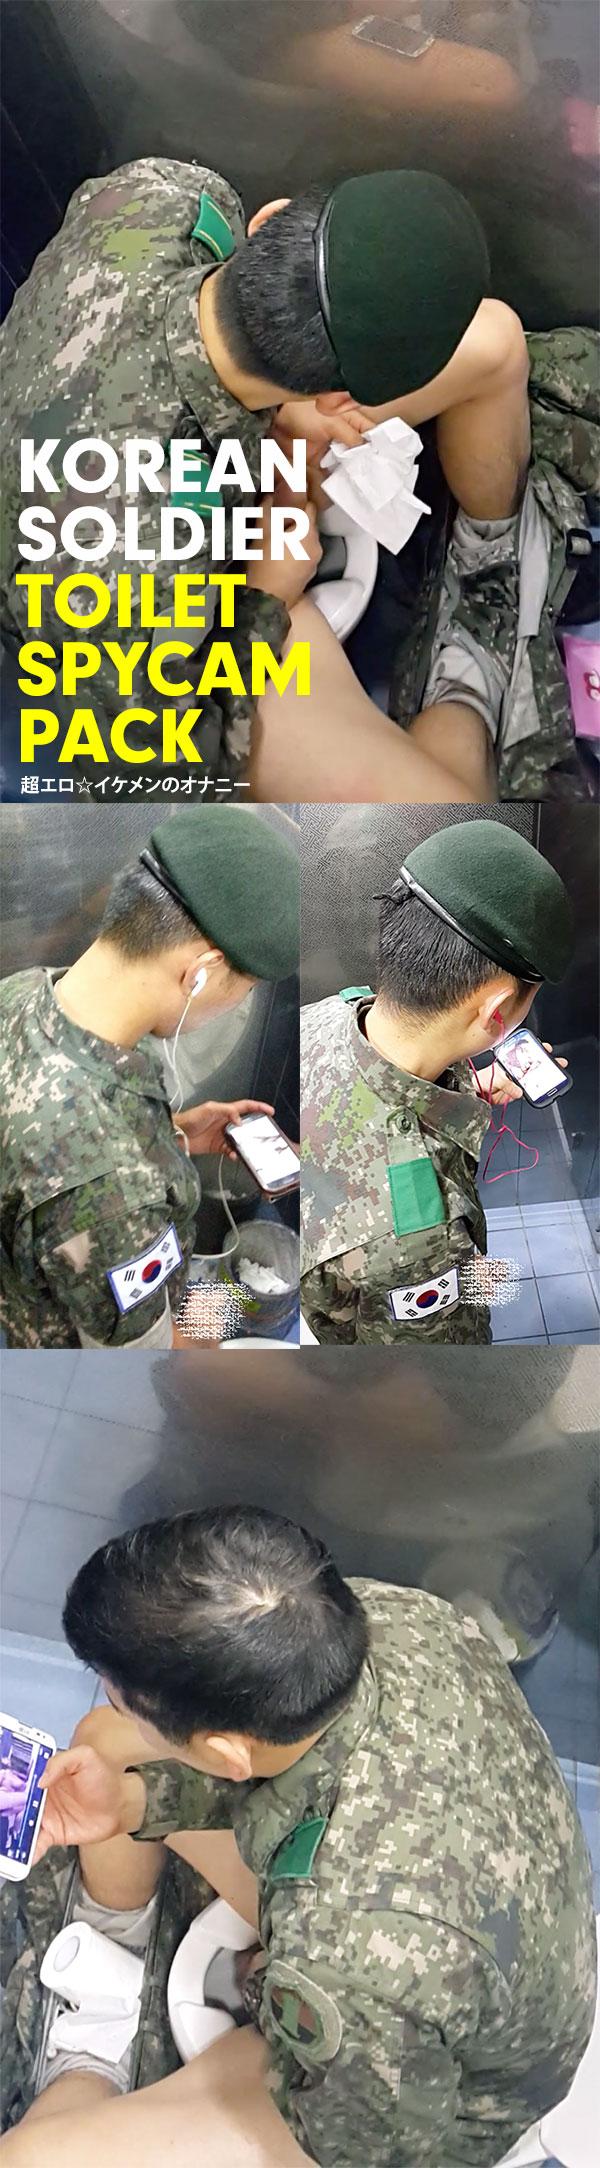 Korean Soldiers Toilet Spycam Pack